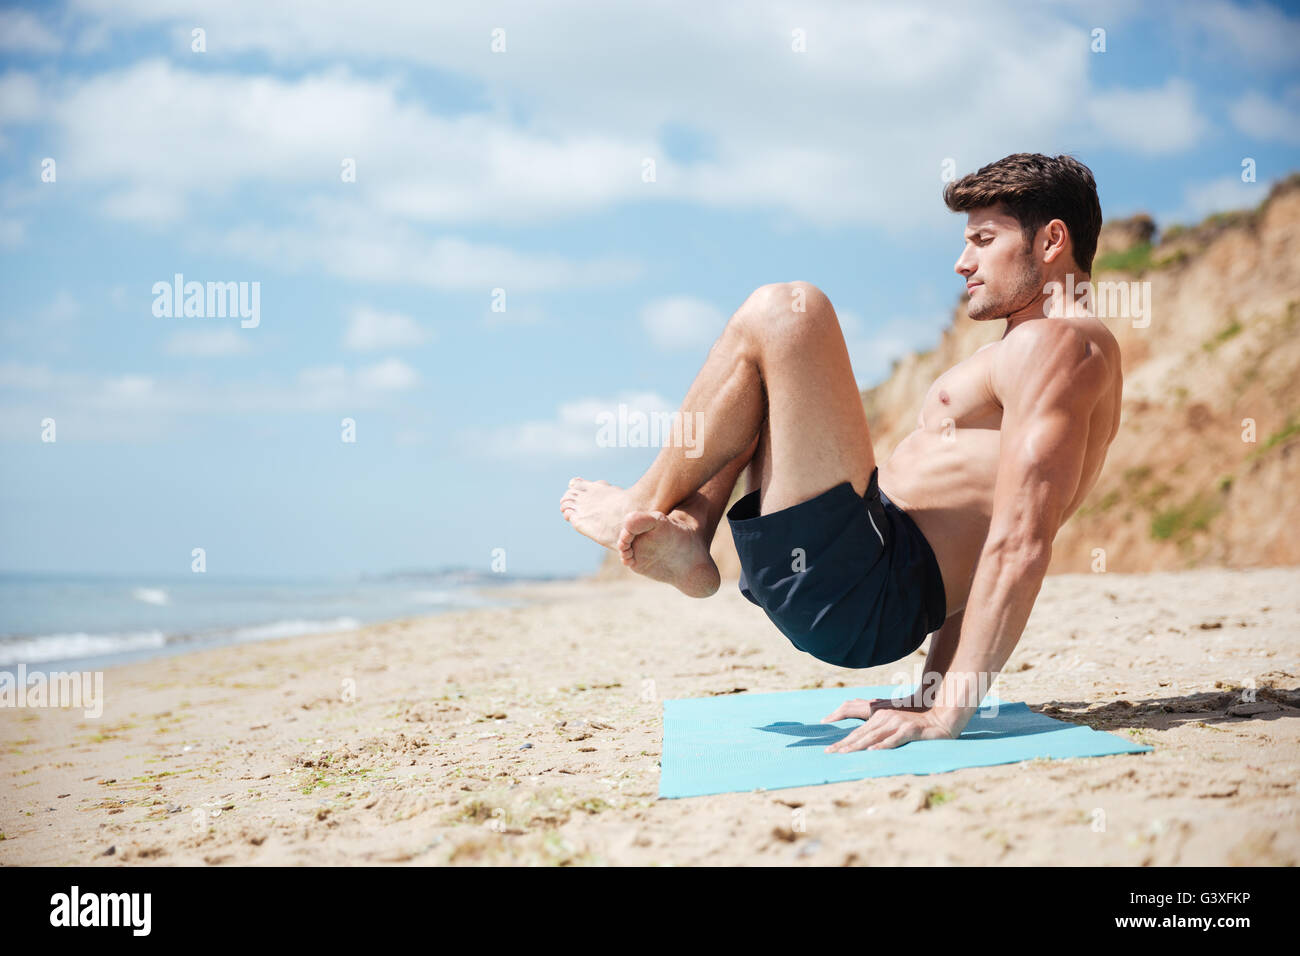 Mann mit Augen geschlossen, balancieren auf seine Hände und praktizieren Yoga am Strand Stockbild